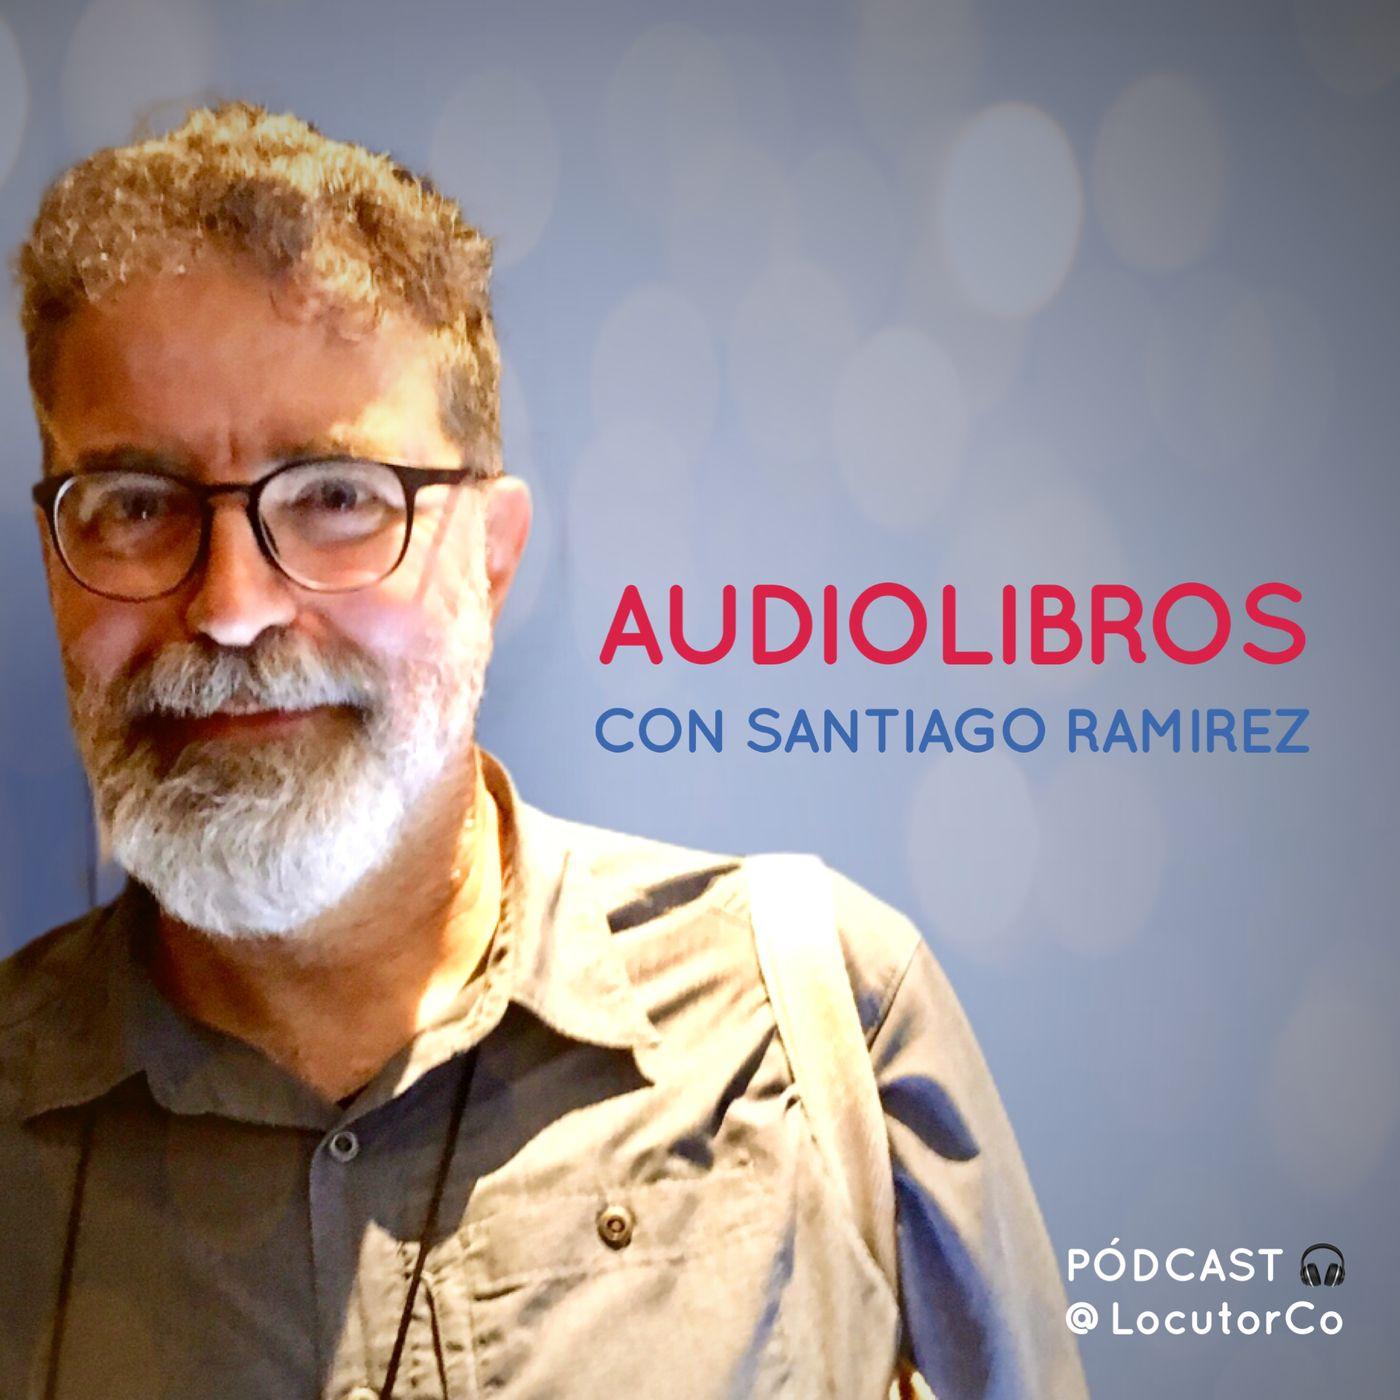 Audiolibros, con Santiago Ramírez